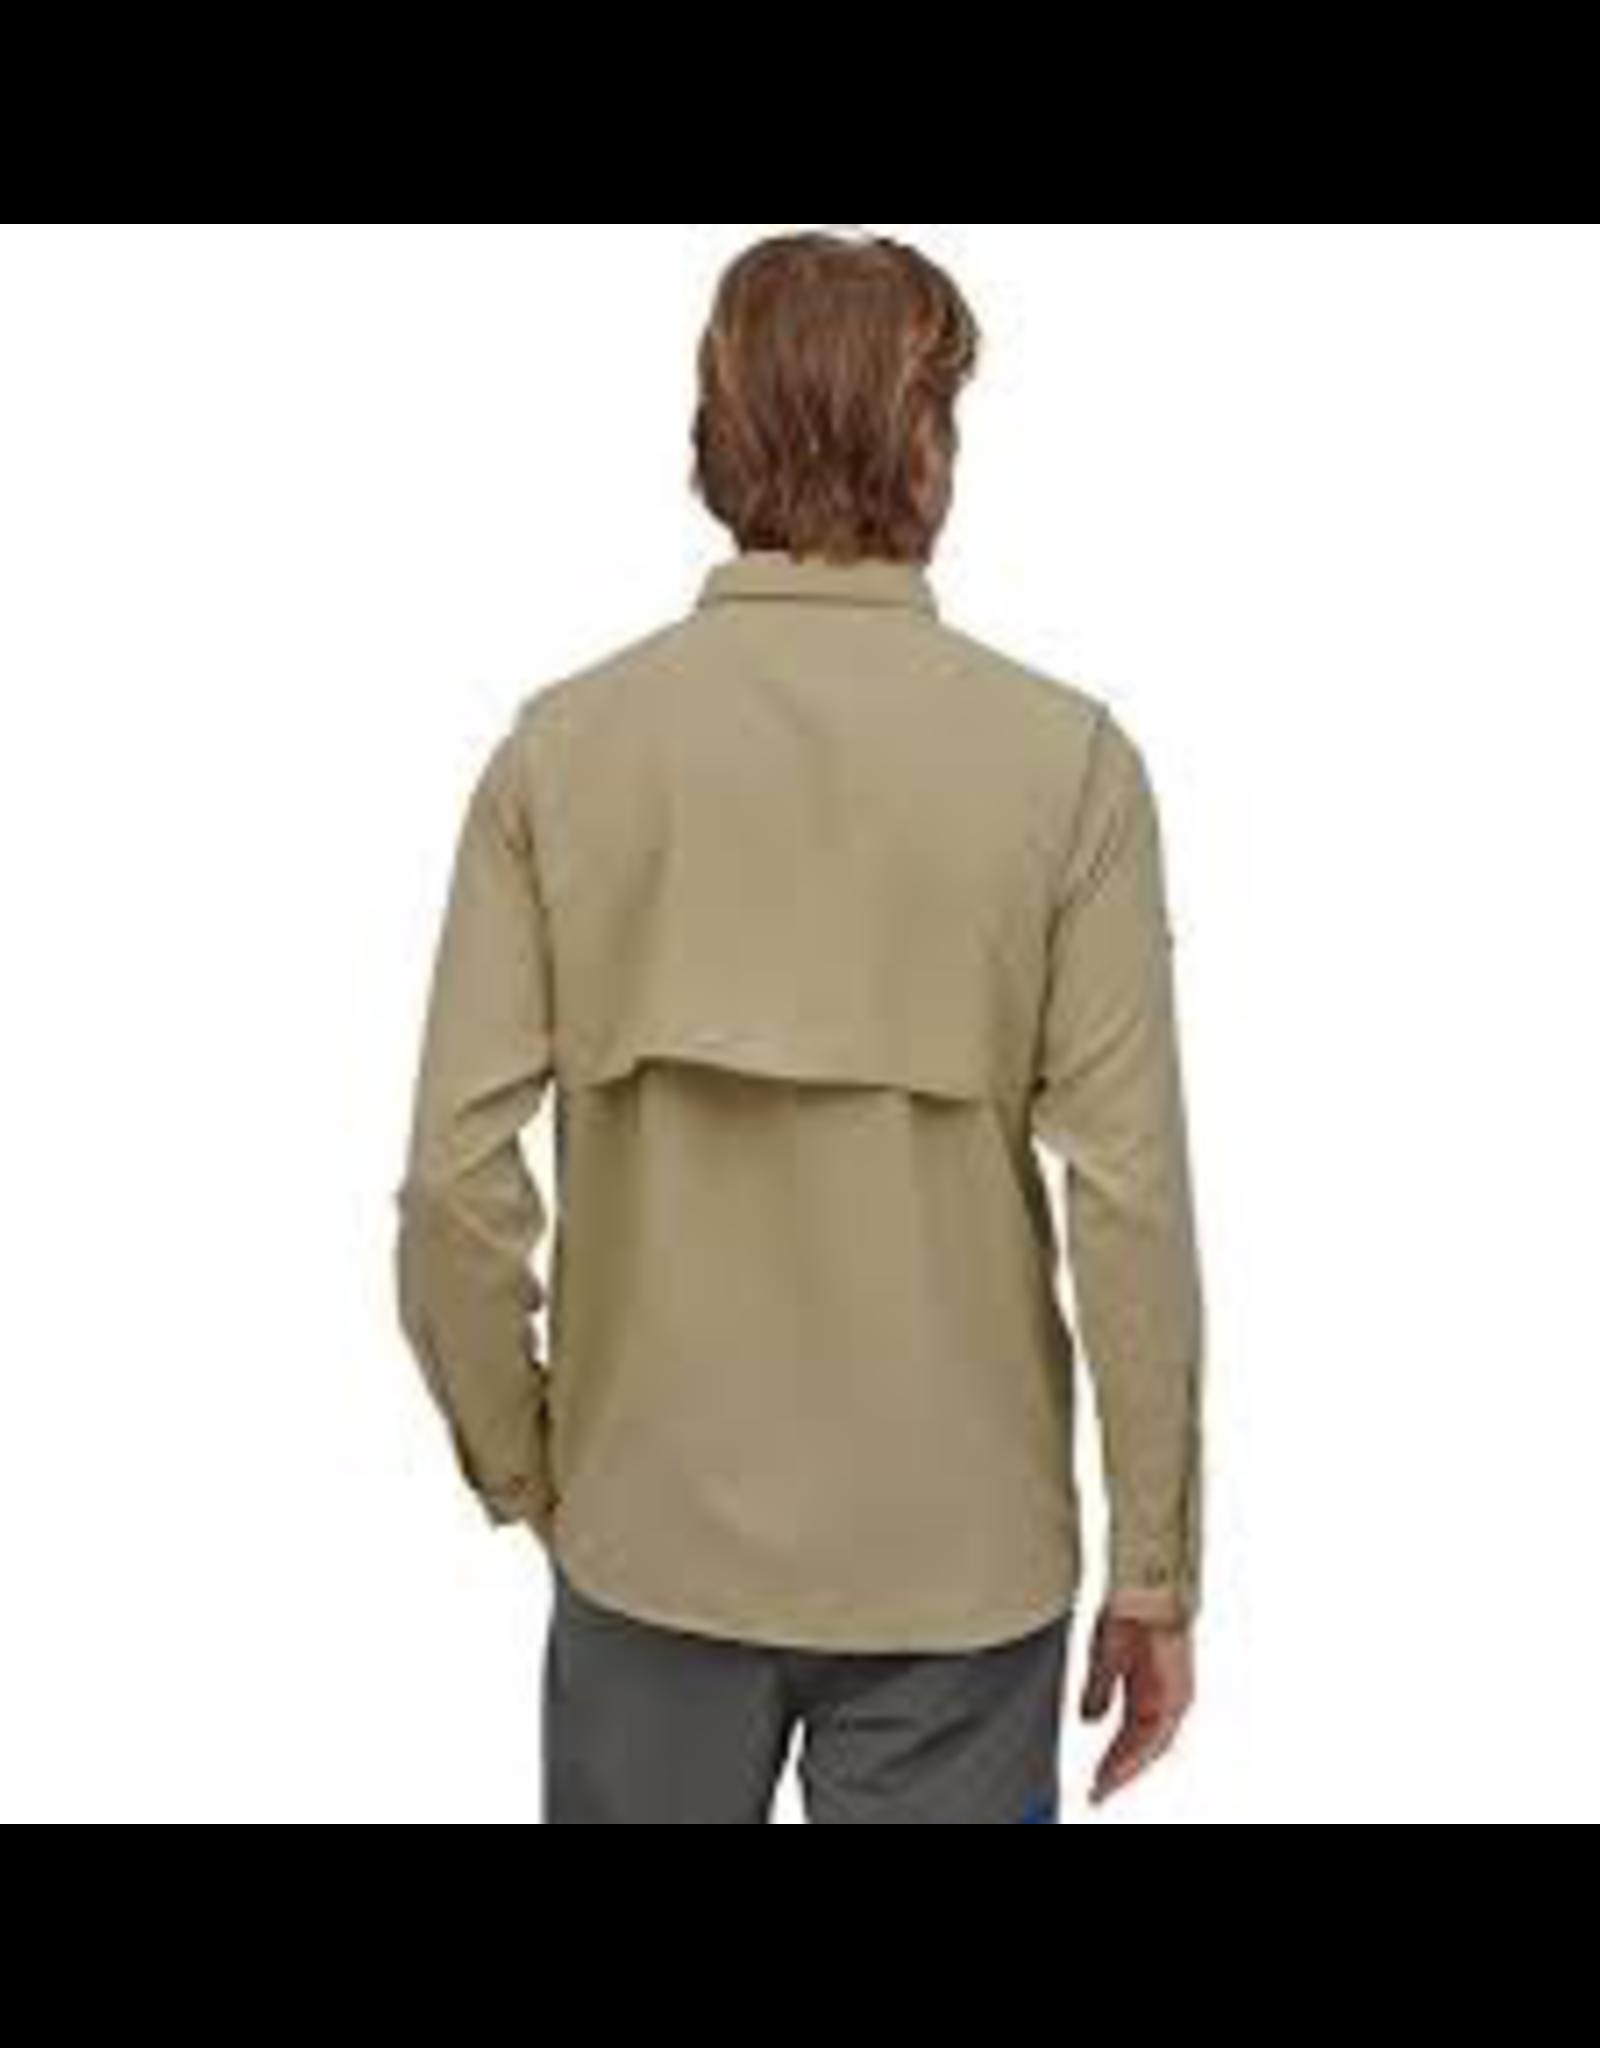 Paagonia Sol Patrol II Men's LS Shirt El Cap Khaki